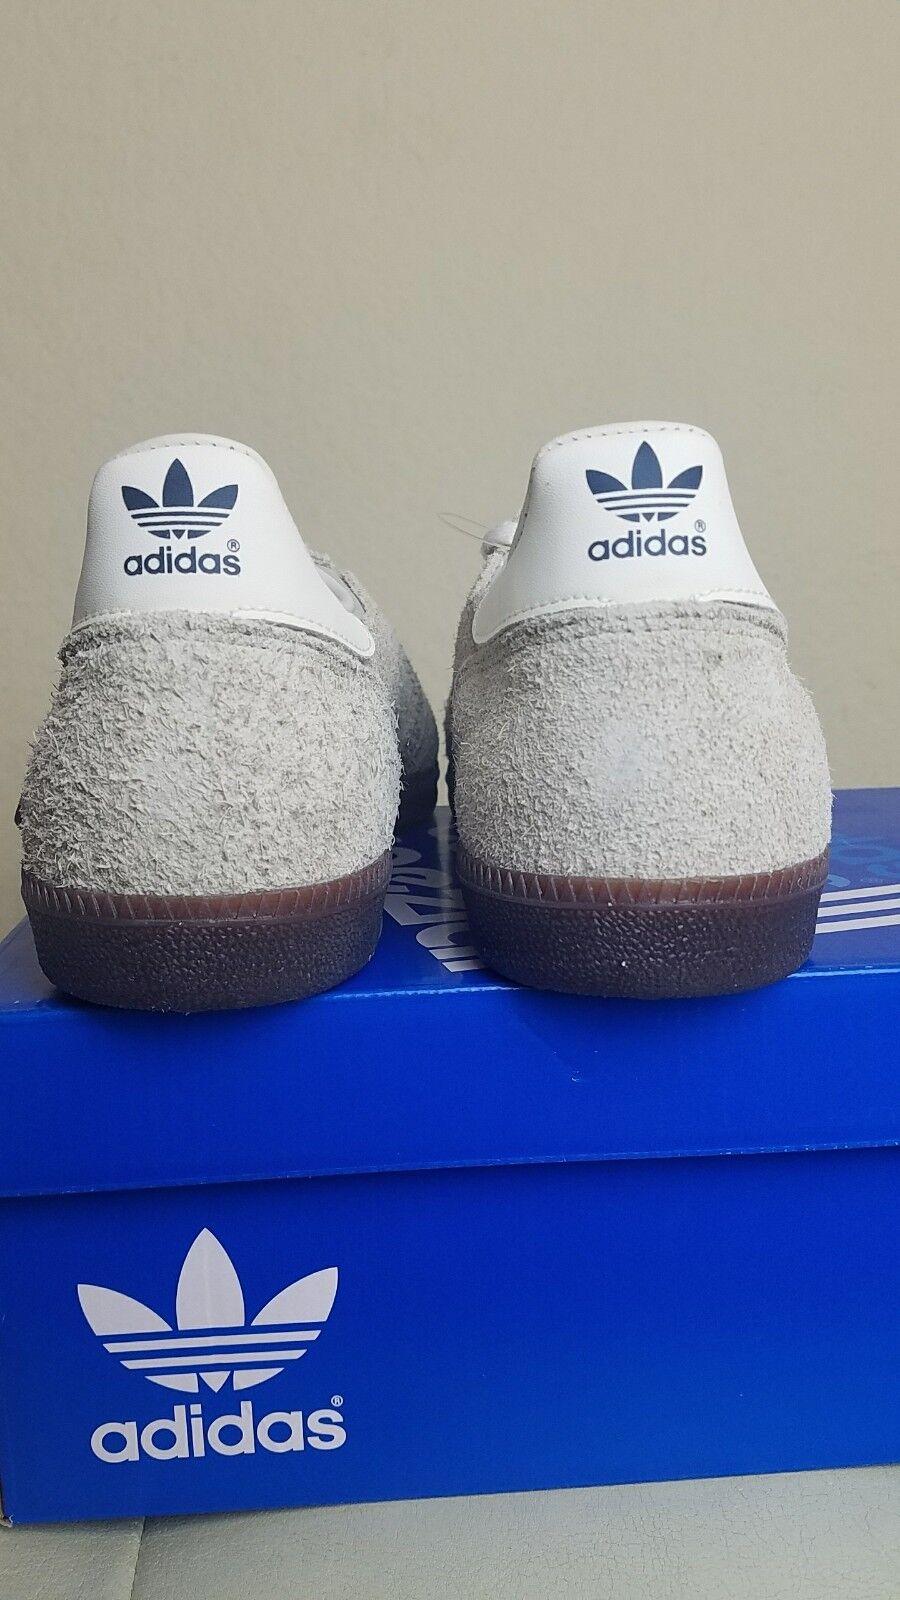 Adidas wensley spzl chiaro granito Uomo / biancastro ba7727 Uomo granito dimensioni 7 1 / 2 407d9e